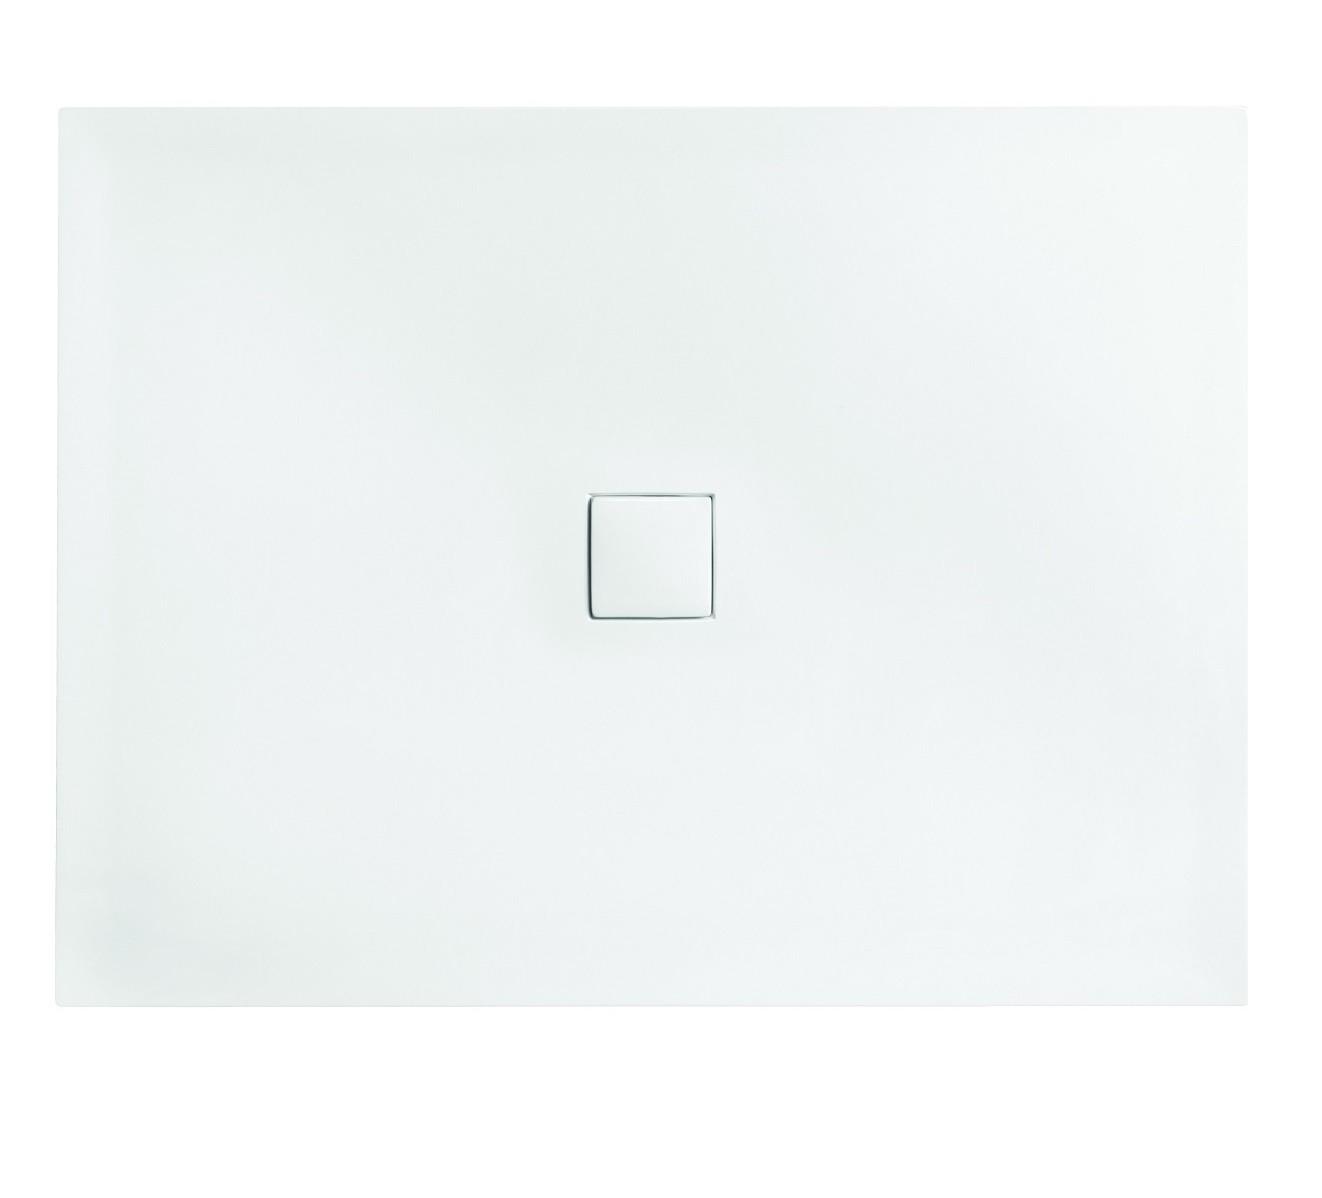 HOPA Obdélníková sprchová vanička NOX Barevnice Bílá, Rozměr A 120 cm, Rozměr B 80 cm VANKNOX1280BB